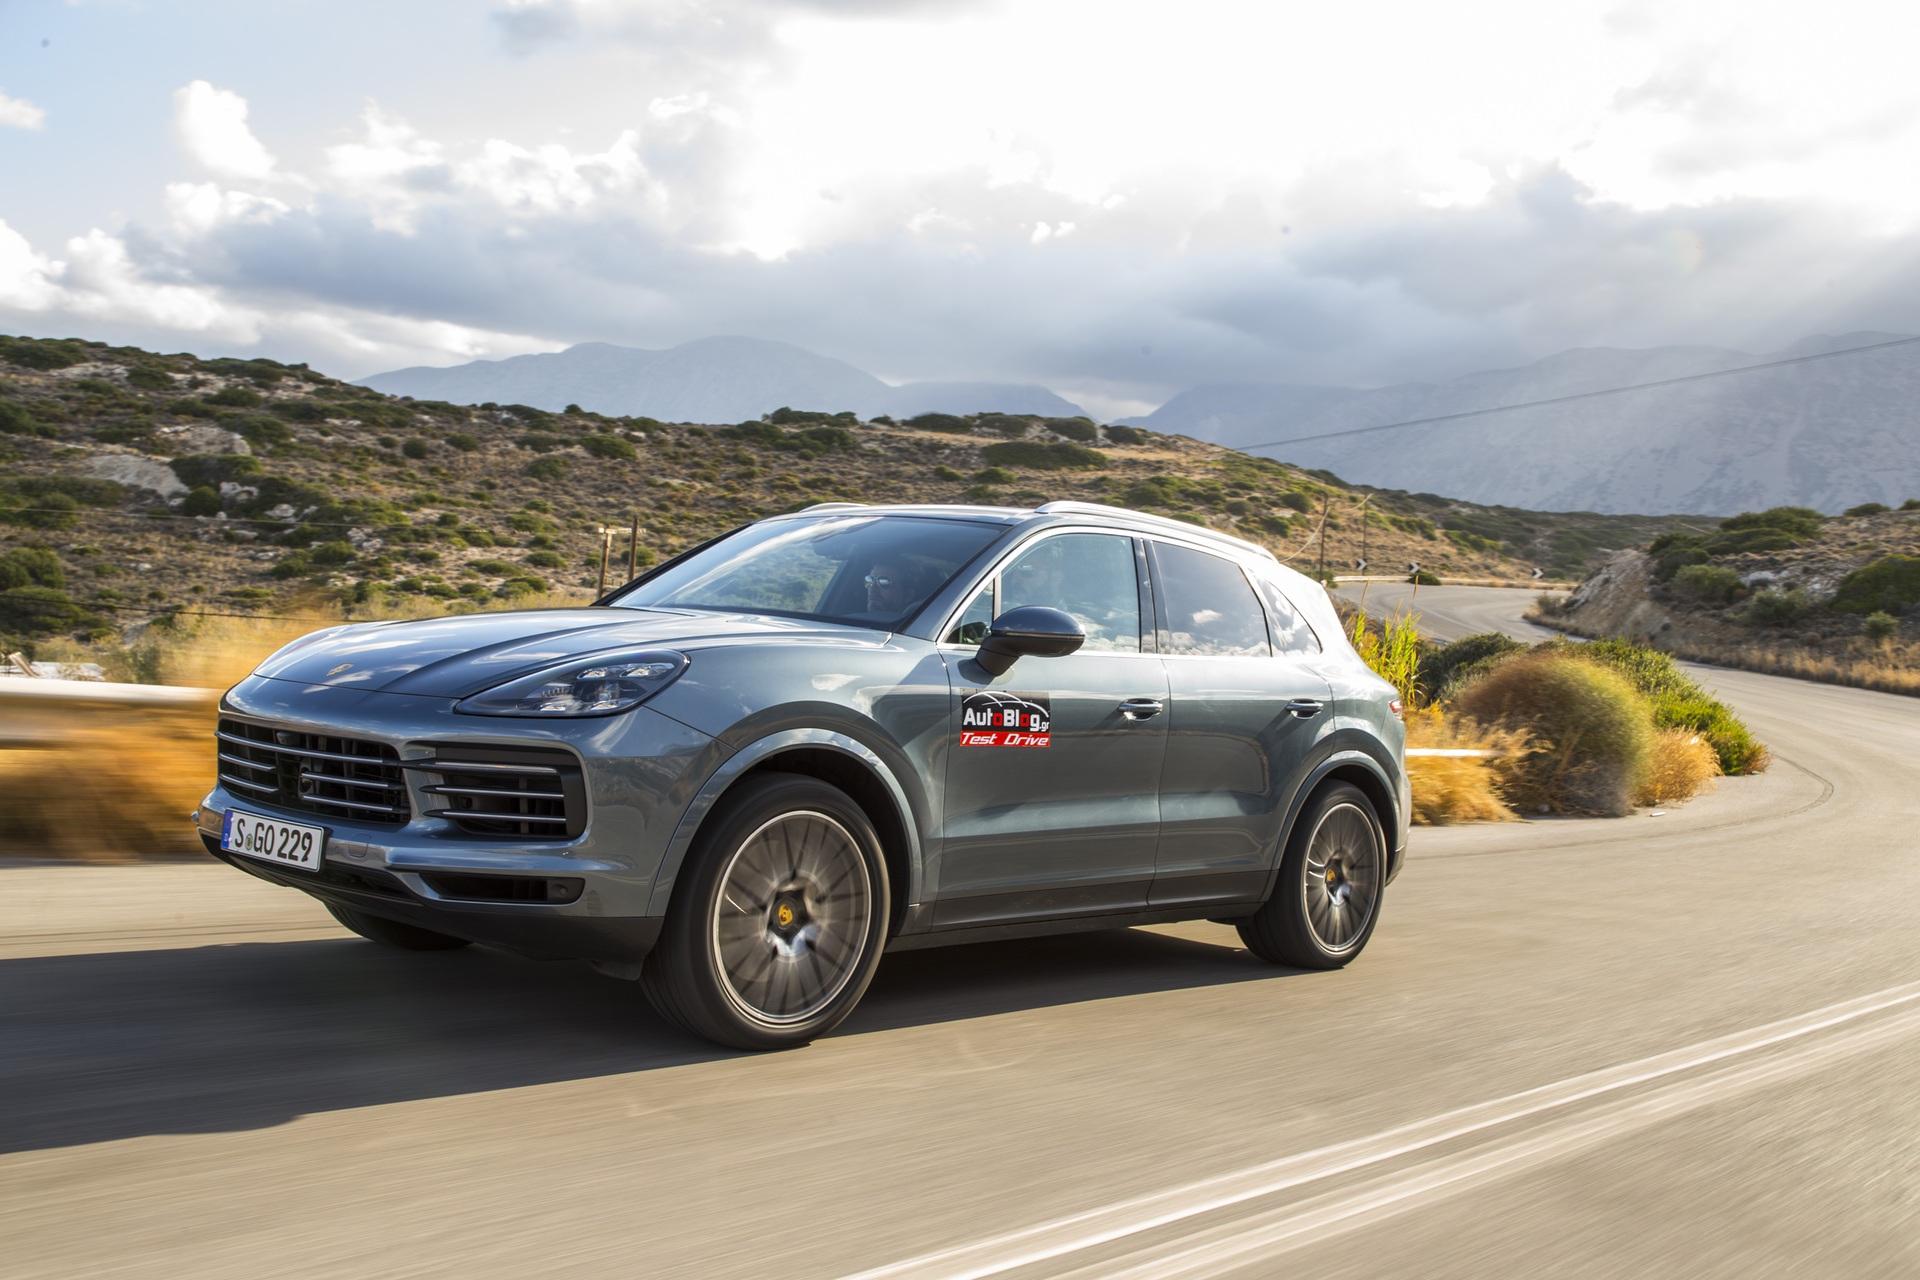 Test_Drive_Porsche_Cayenne_03